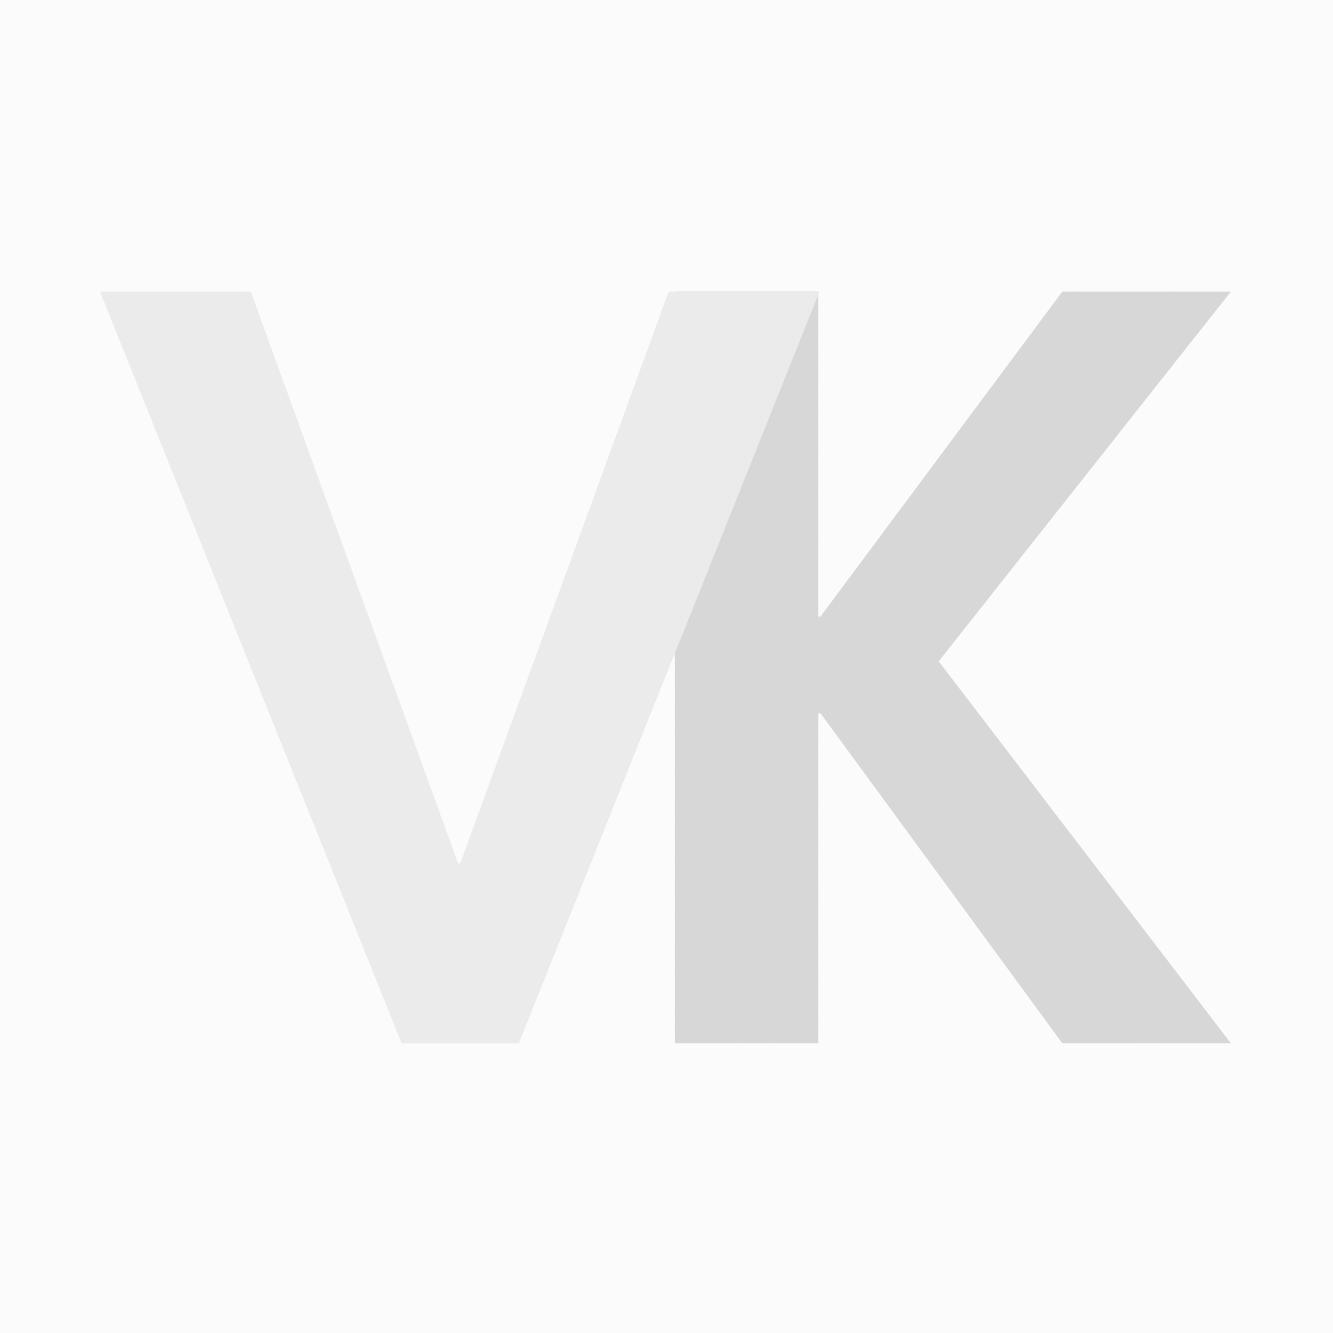 Kaplaken Barber Rood/Wit/Grijs Gestreept